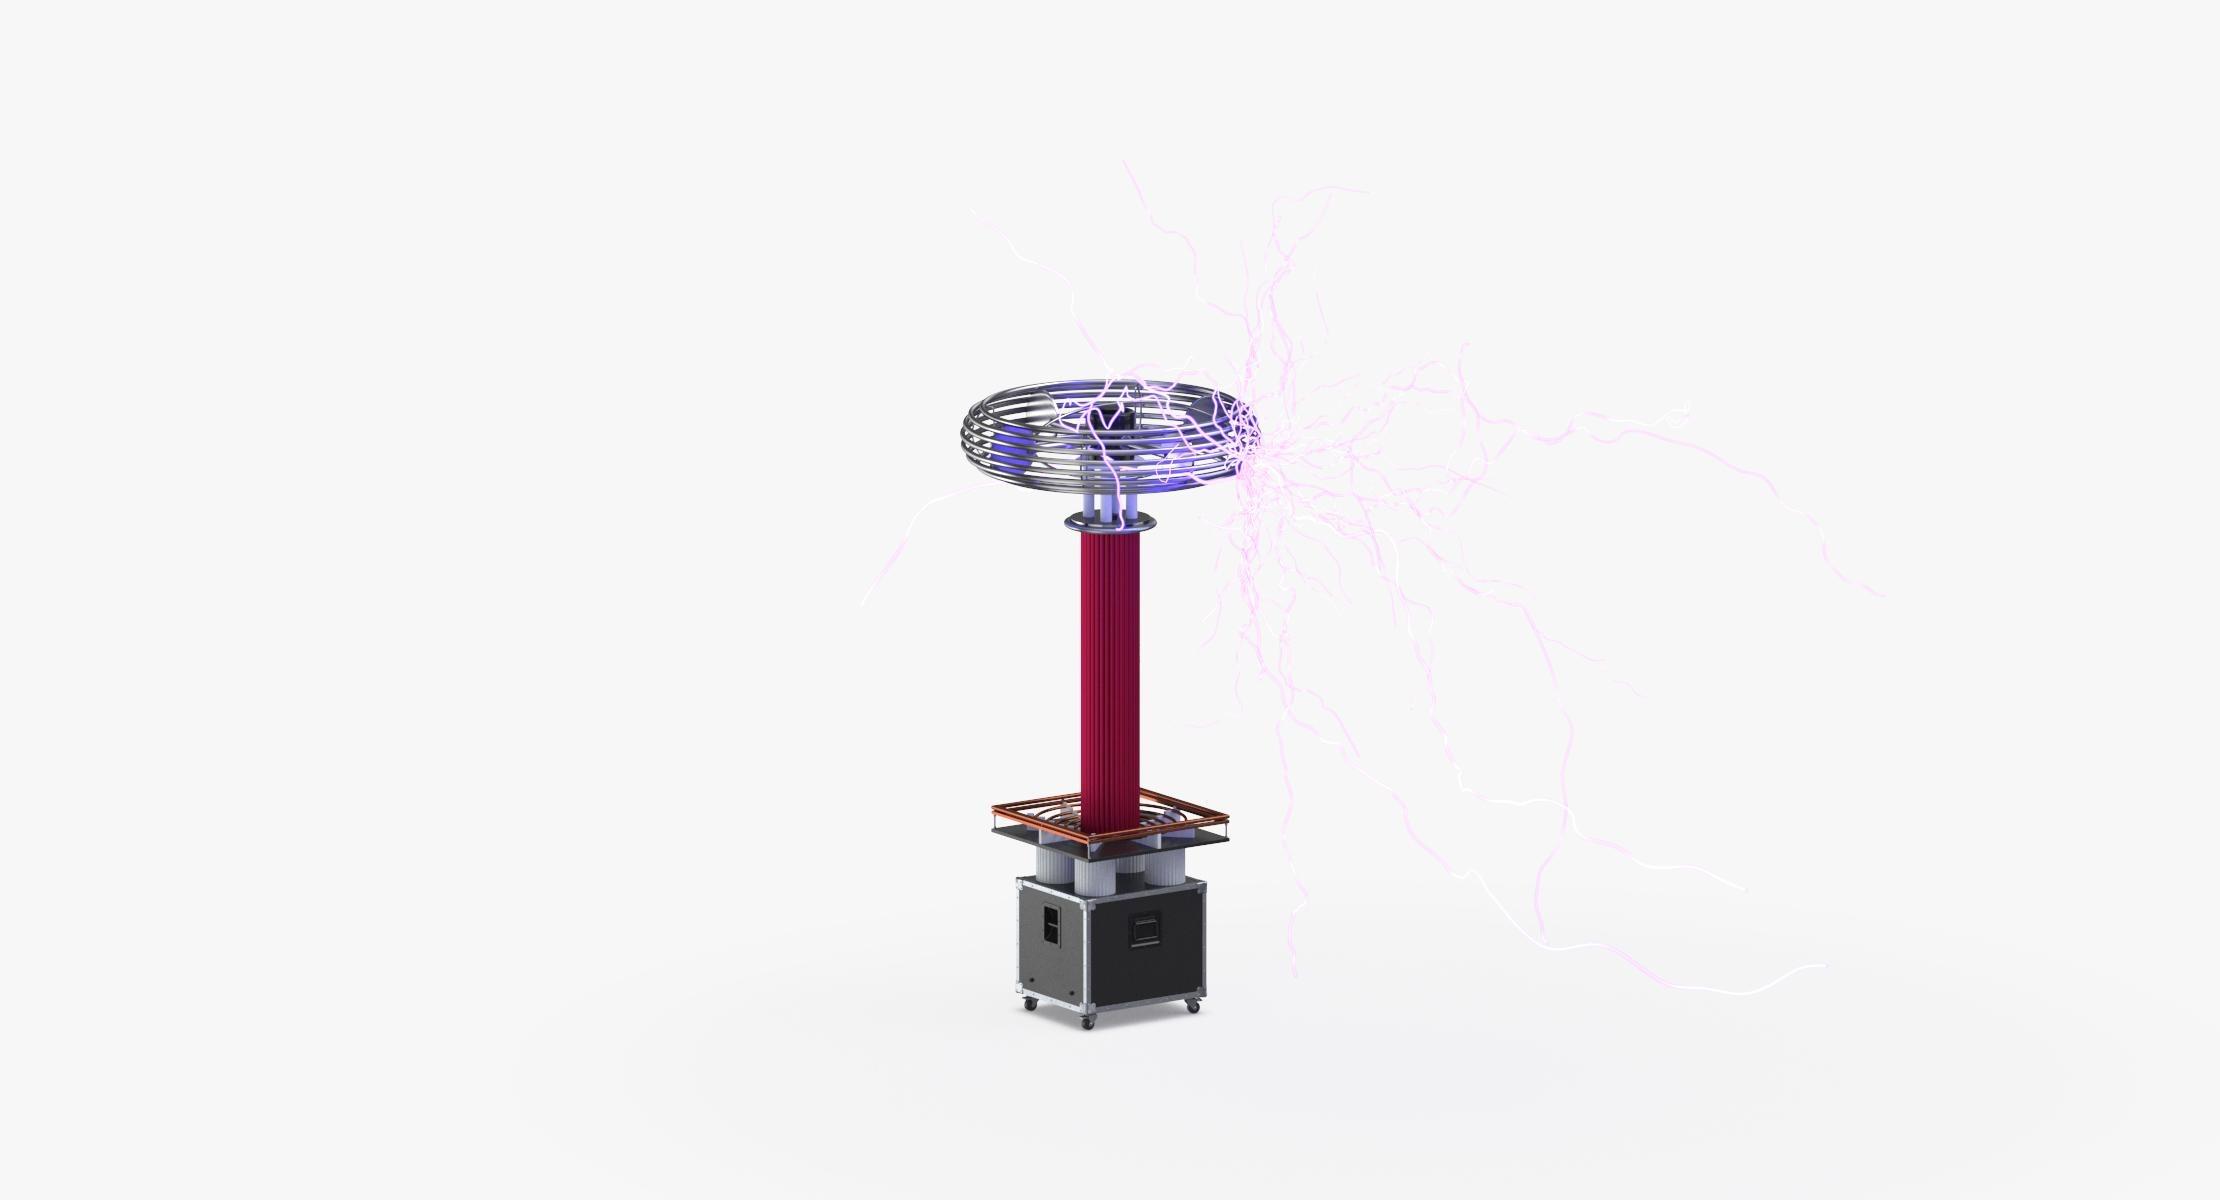 Tesla Coil 01 Lit 3D - reel 1